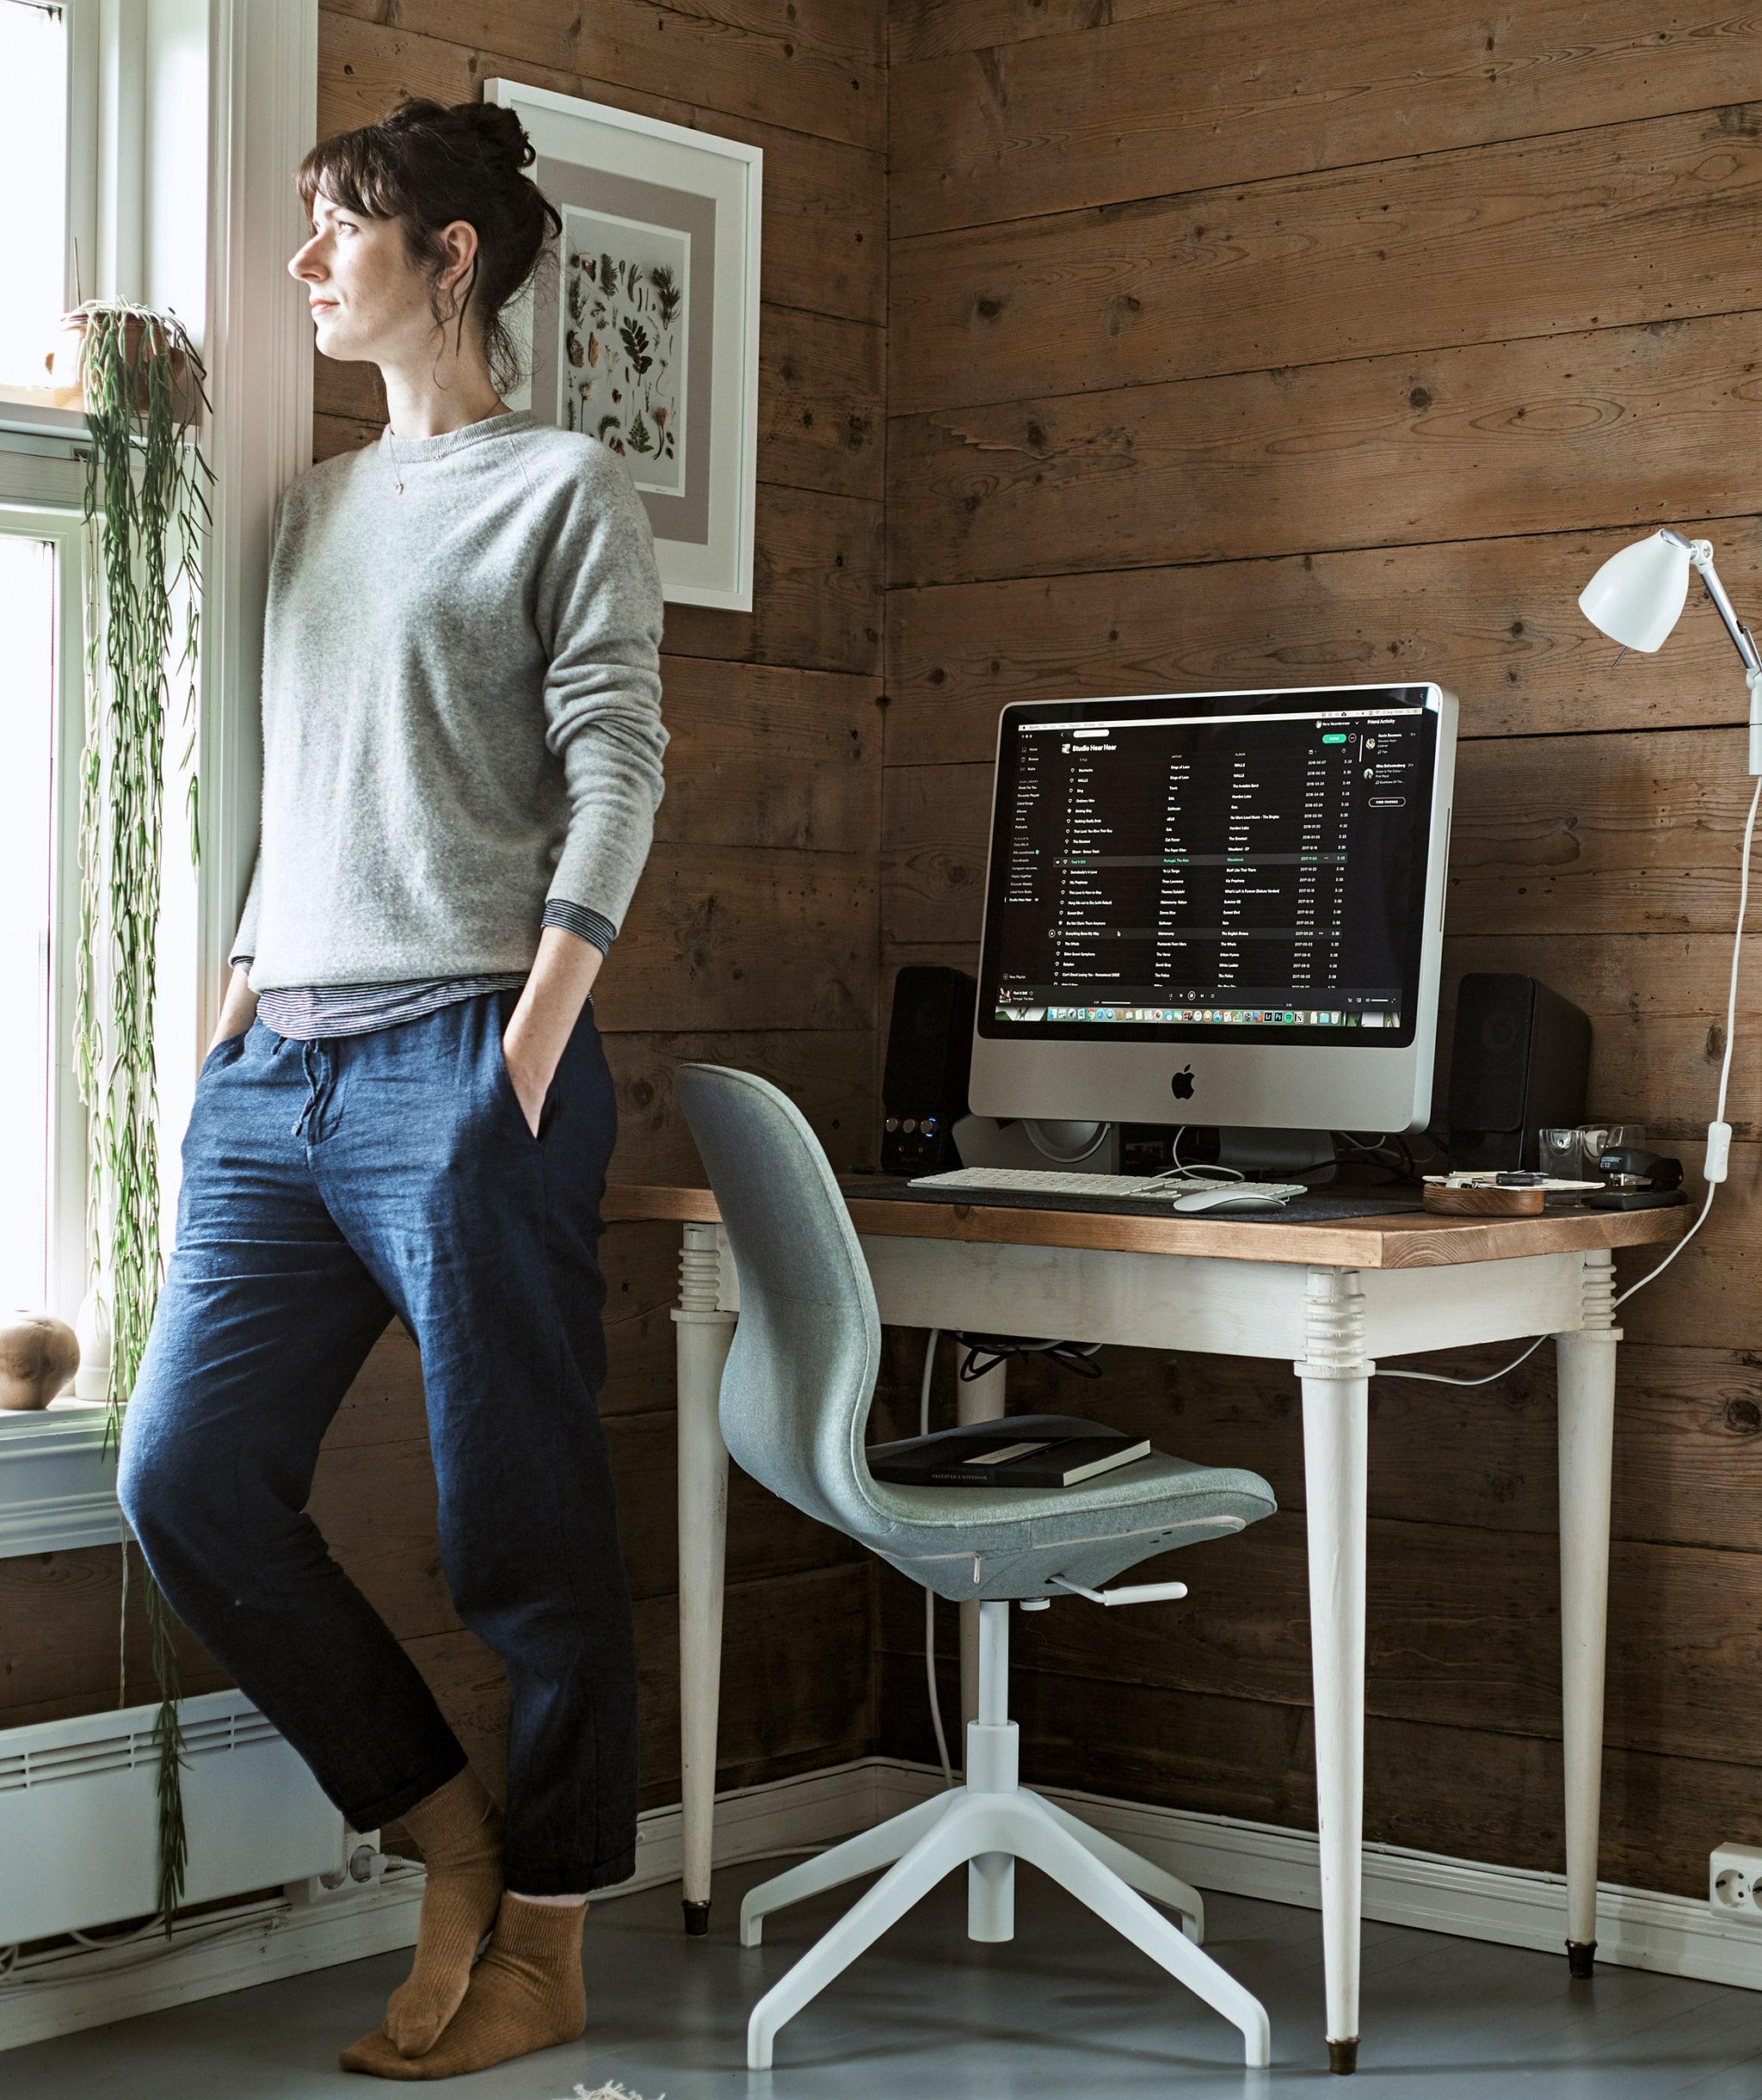 Seorang wanita melihat keluar jendela di sudut ruangan yang telah disulap menjadi ruang kerja dengan meja dan kursi putar.